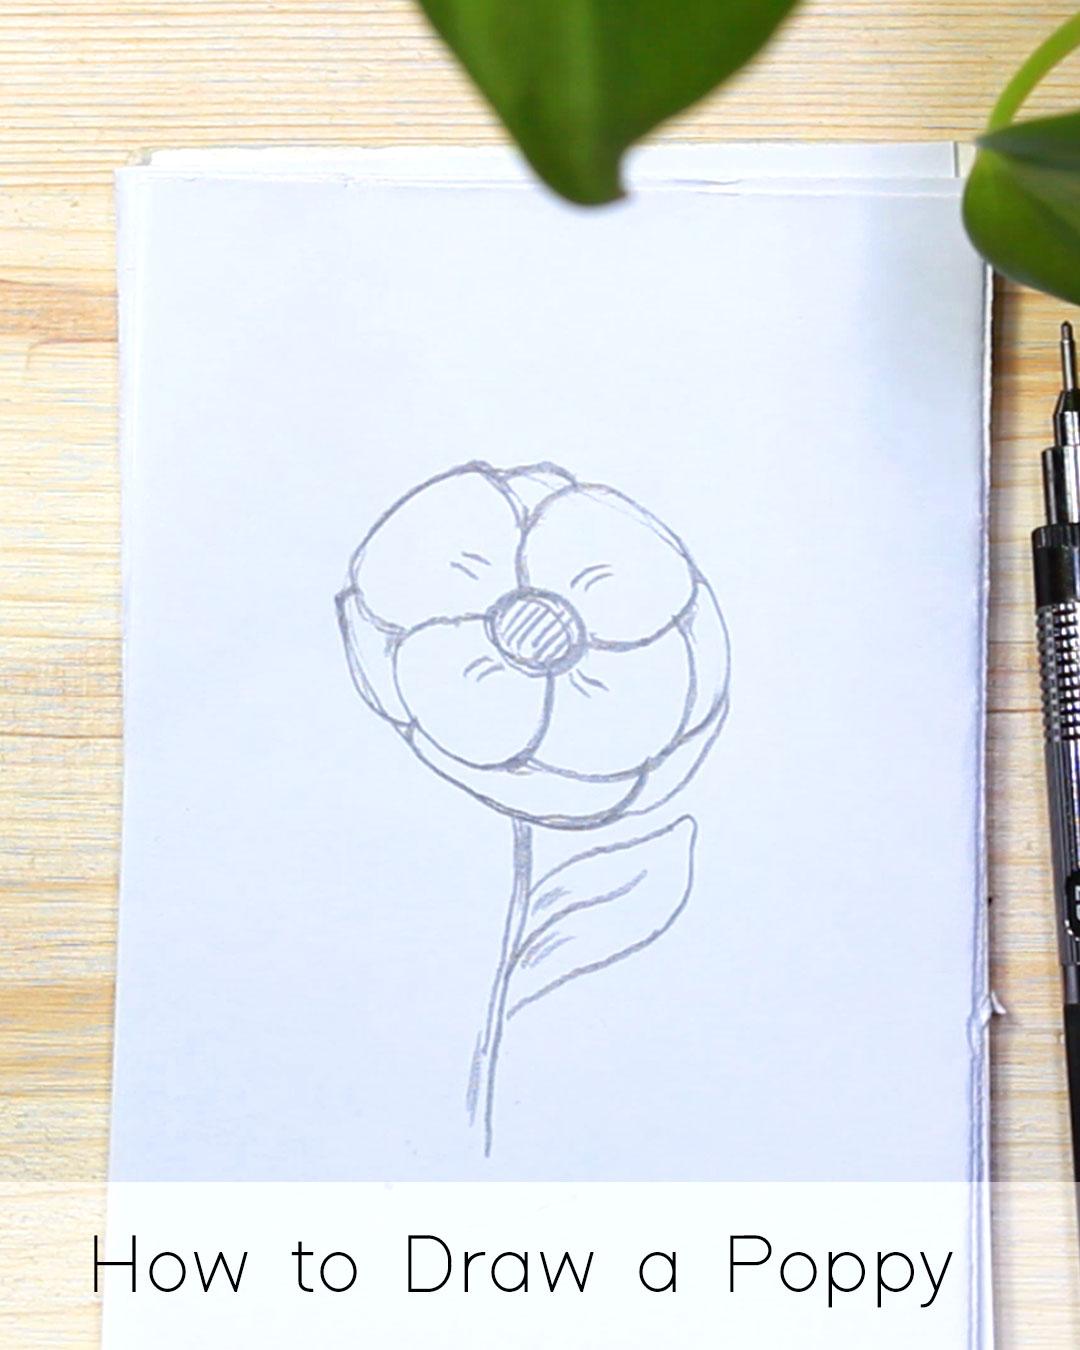 How to Draw a Poppy